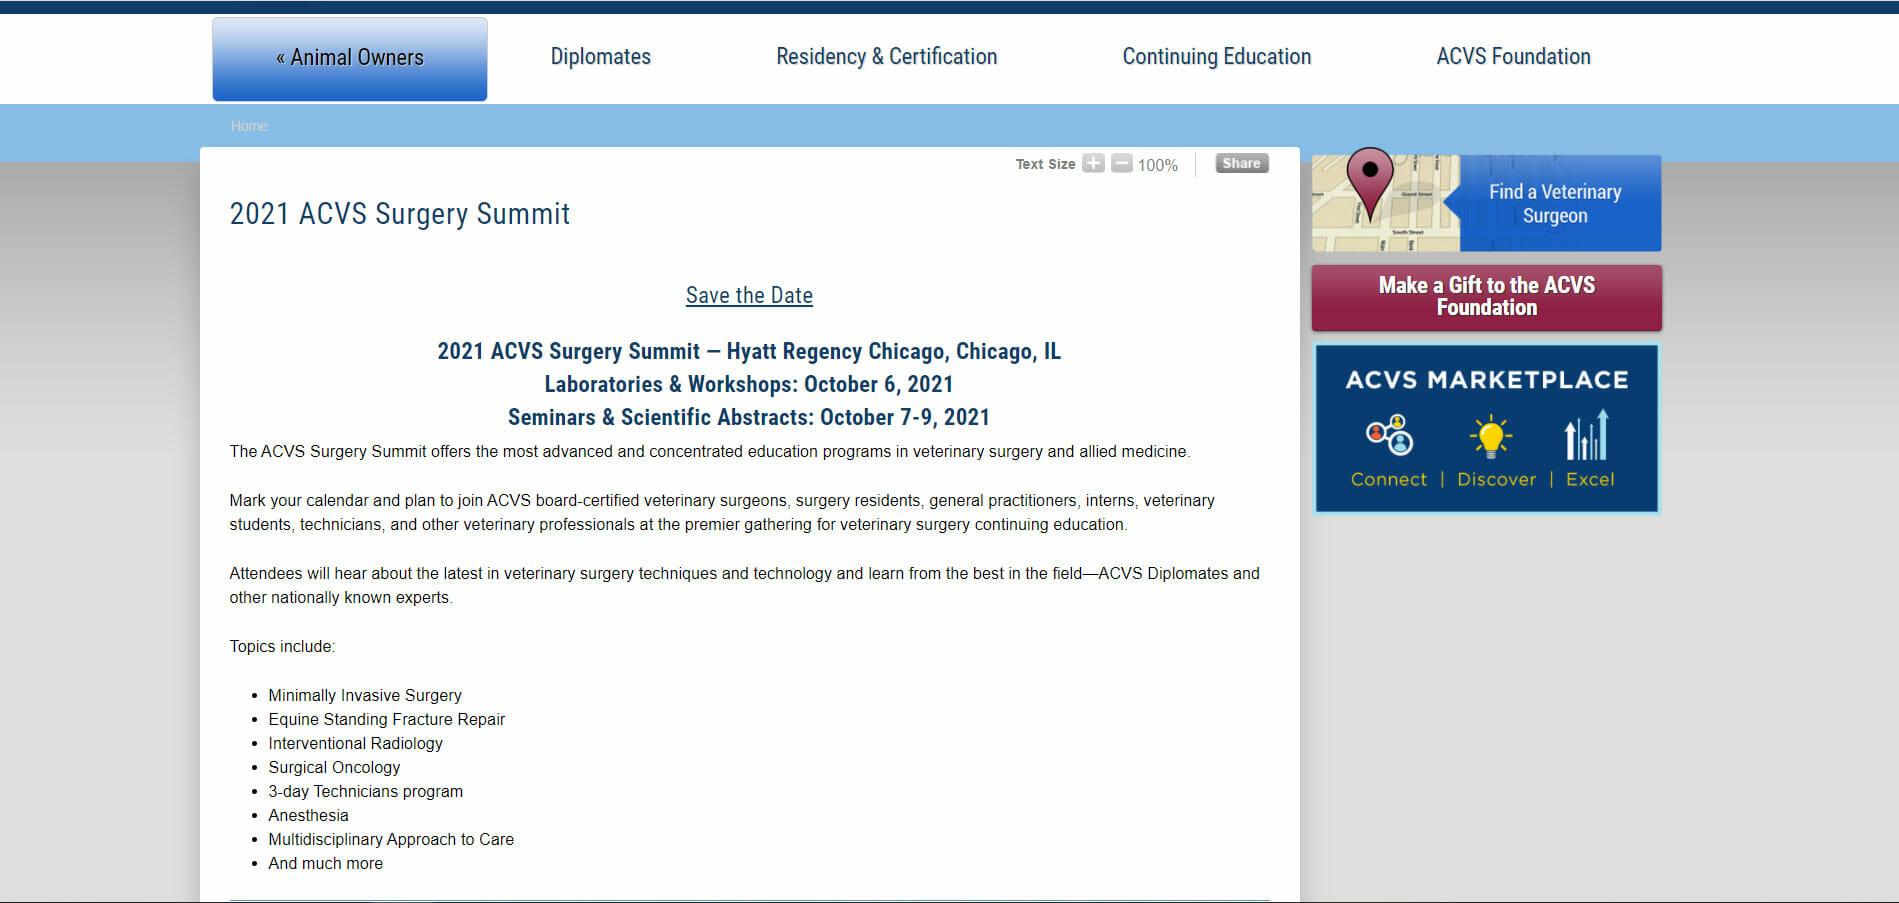 acvs surgery summit